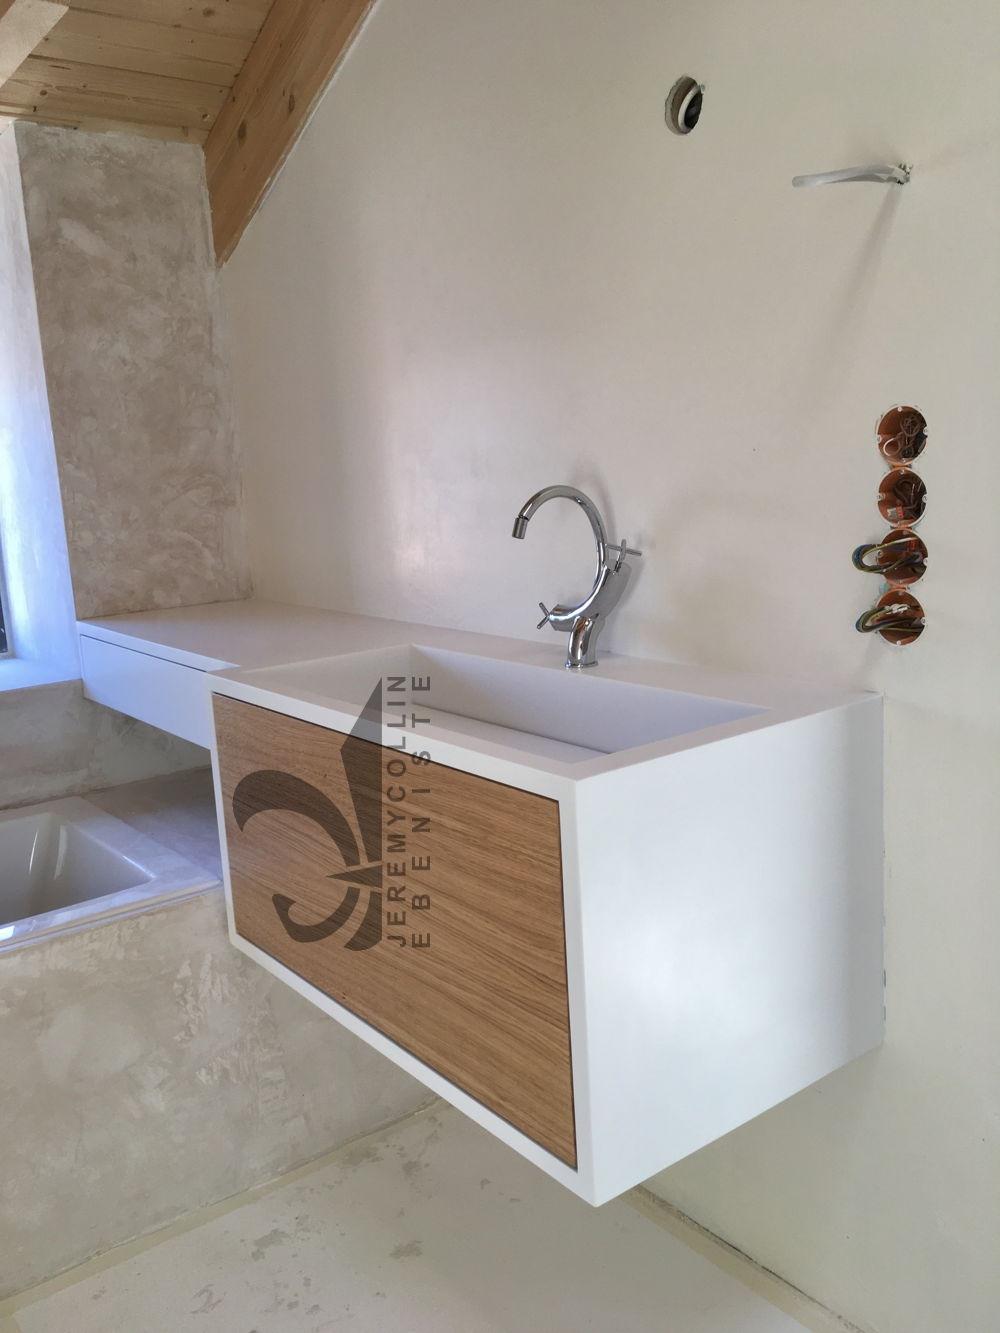 Meuble salle de bain corian plan vasque en corian avec for Meuble salle de bain corian